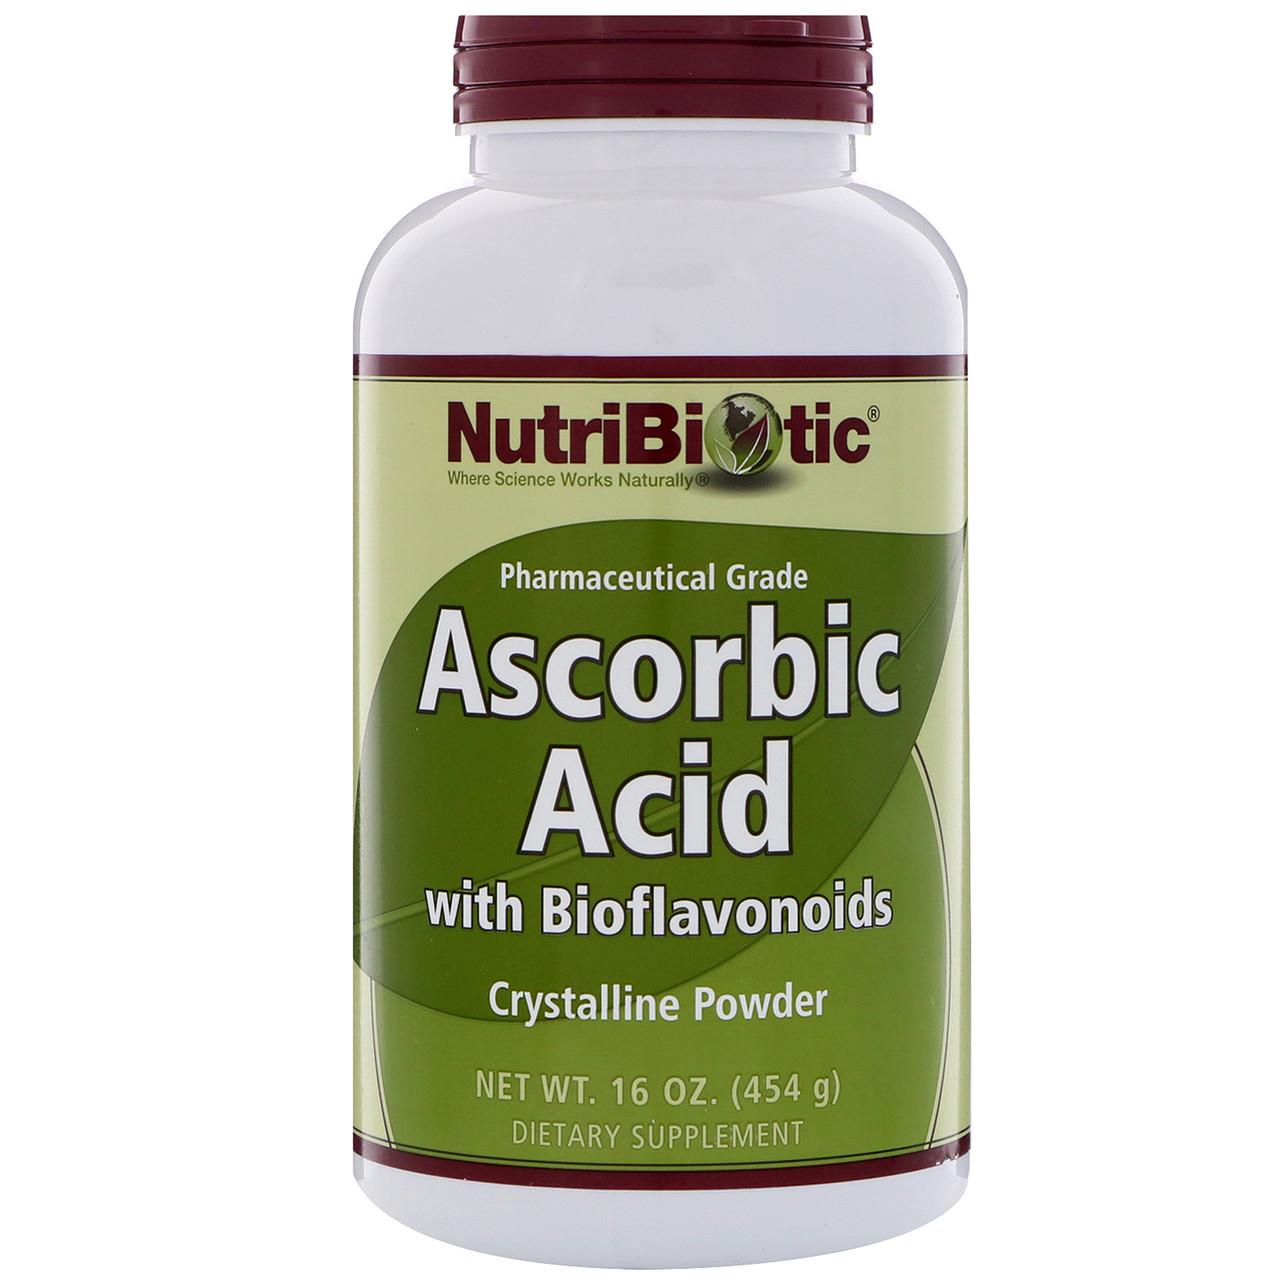 NutriBiotic, Аскорбиновая кислота с биофлавонидами, кристаллический порошок, 16 унц. (454 г)